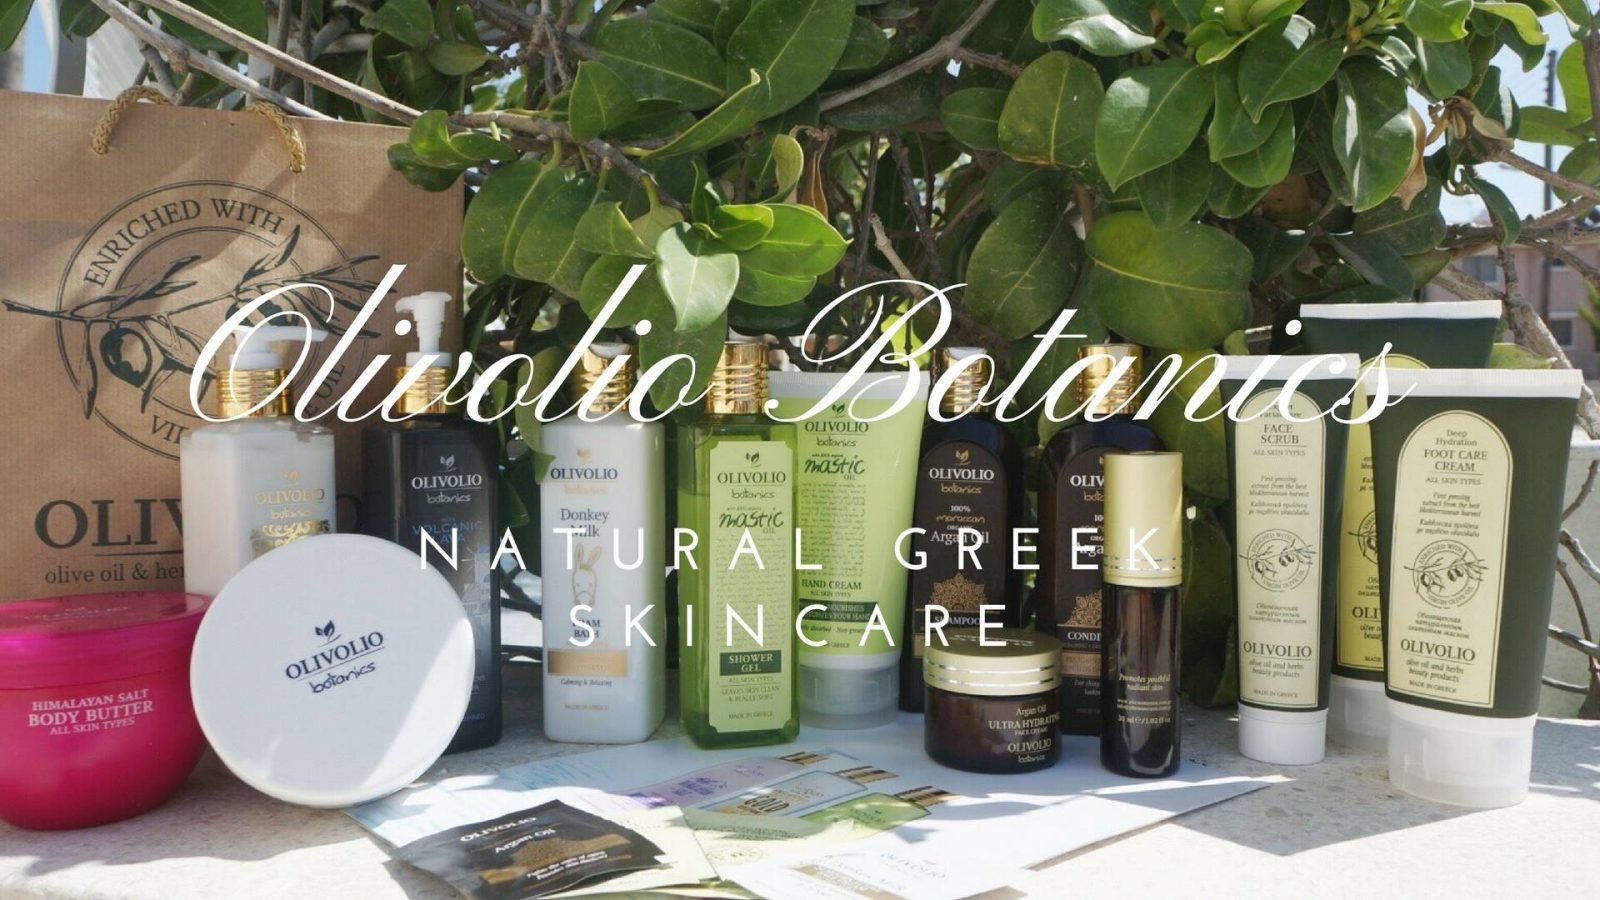 Olivolio Botanics